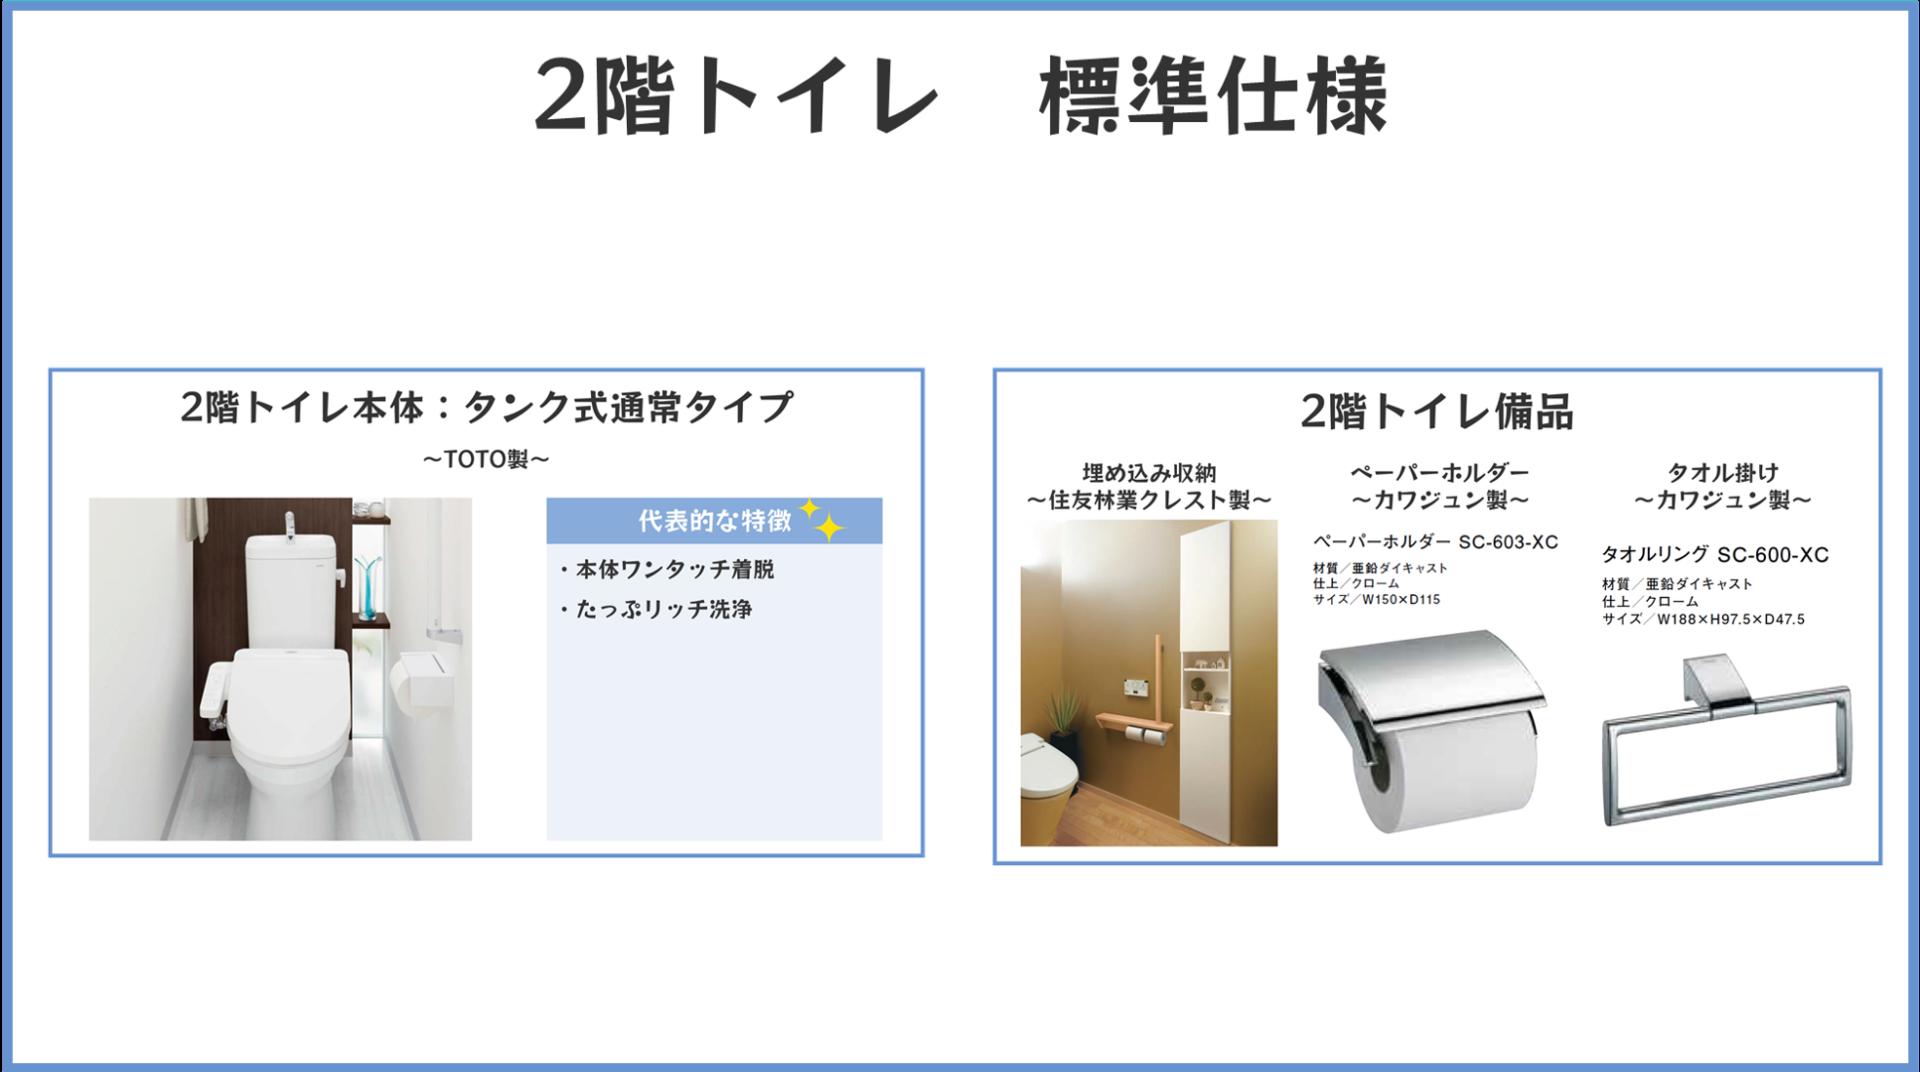 2階トイレまとめ